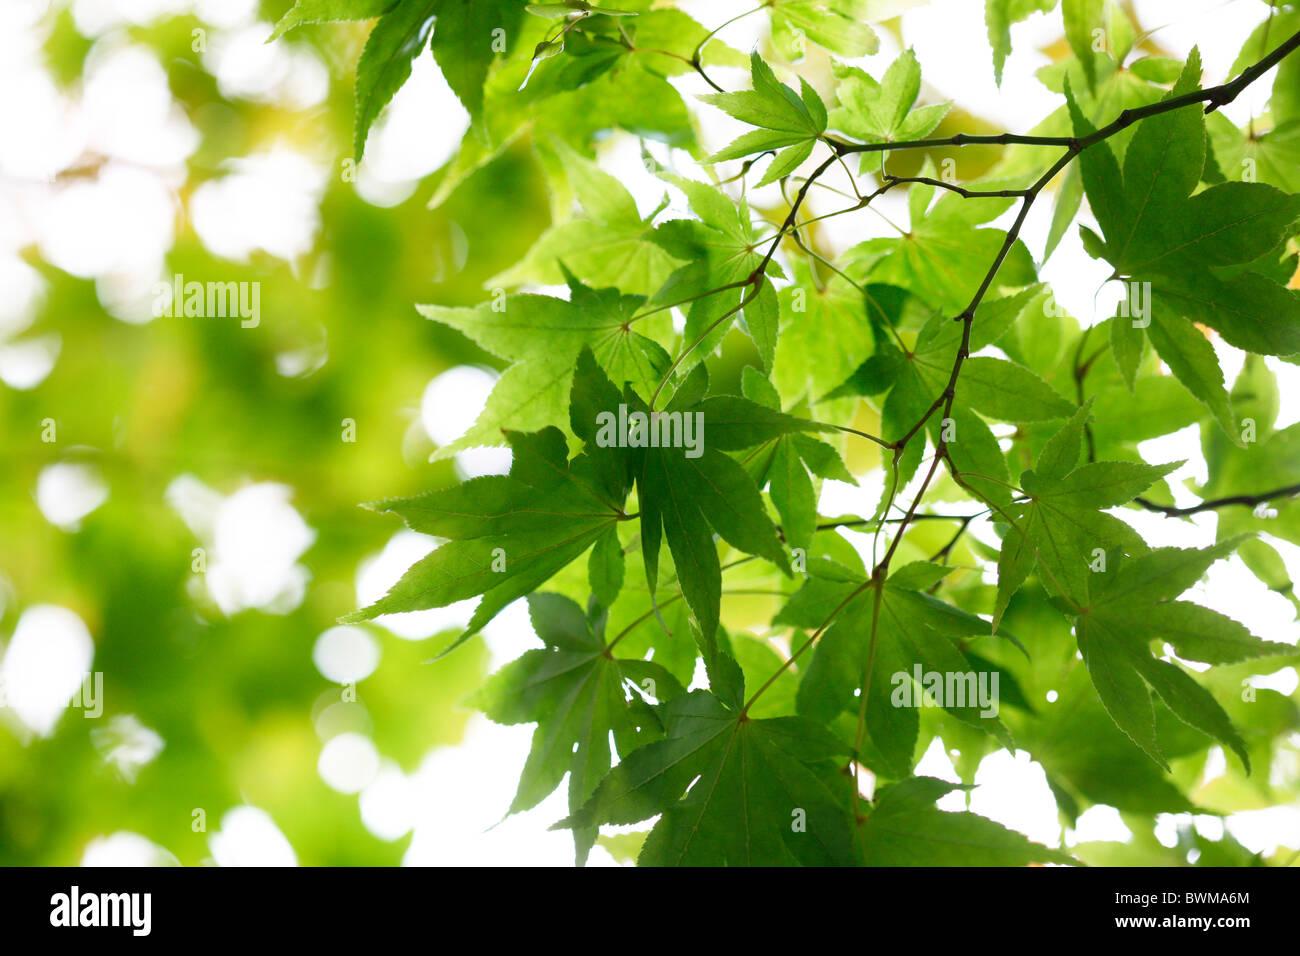 stimmungsvoll und verträumt Ahornbaum mit geflügelten Samaras Jane Ann Butler Fotografie JABP917 Stockbild